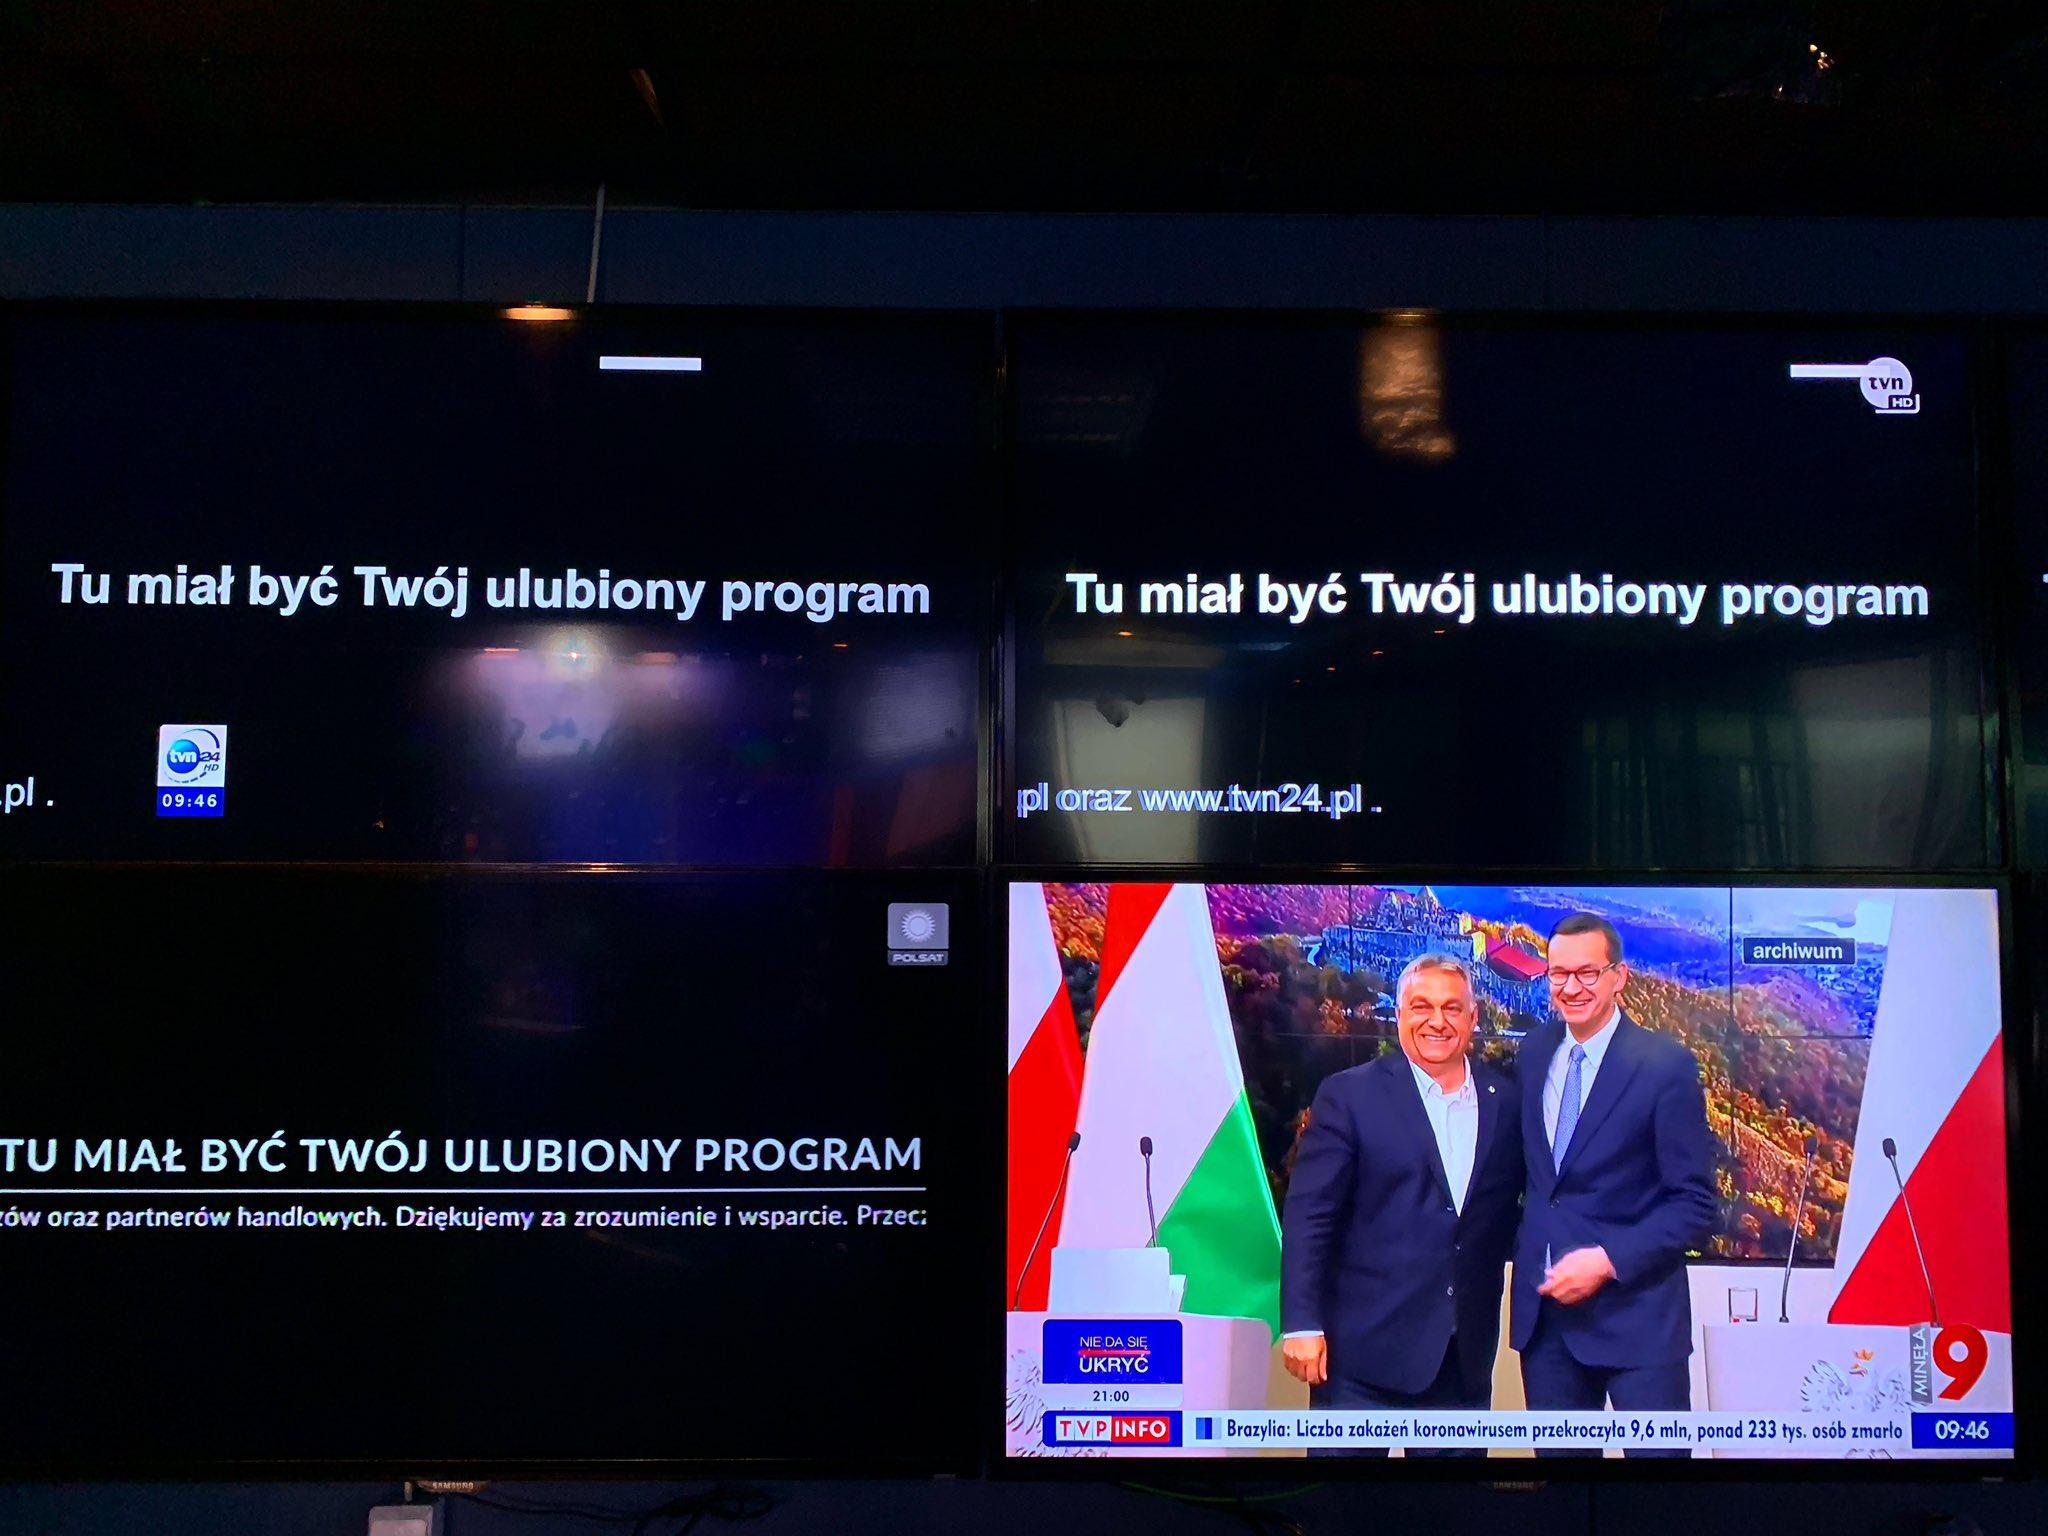 Vezető képünk azt mutatja, hogy nem minden televíziós csatorna csatlakozott az egy napos sztrájkhoz. A kormányközeli köztévén éppen egy szimbolikus jelenetet láthatunk. A lengyel ellenzéki pártok szerint a lengyel média megadóztatása magyar mintára történik. Forrás: Twitter, Maciej Sokołowski a TVN kereskedelmi csatorna brüsszeli tudósítója.